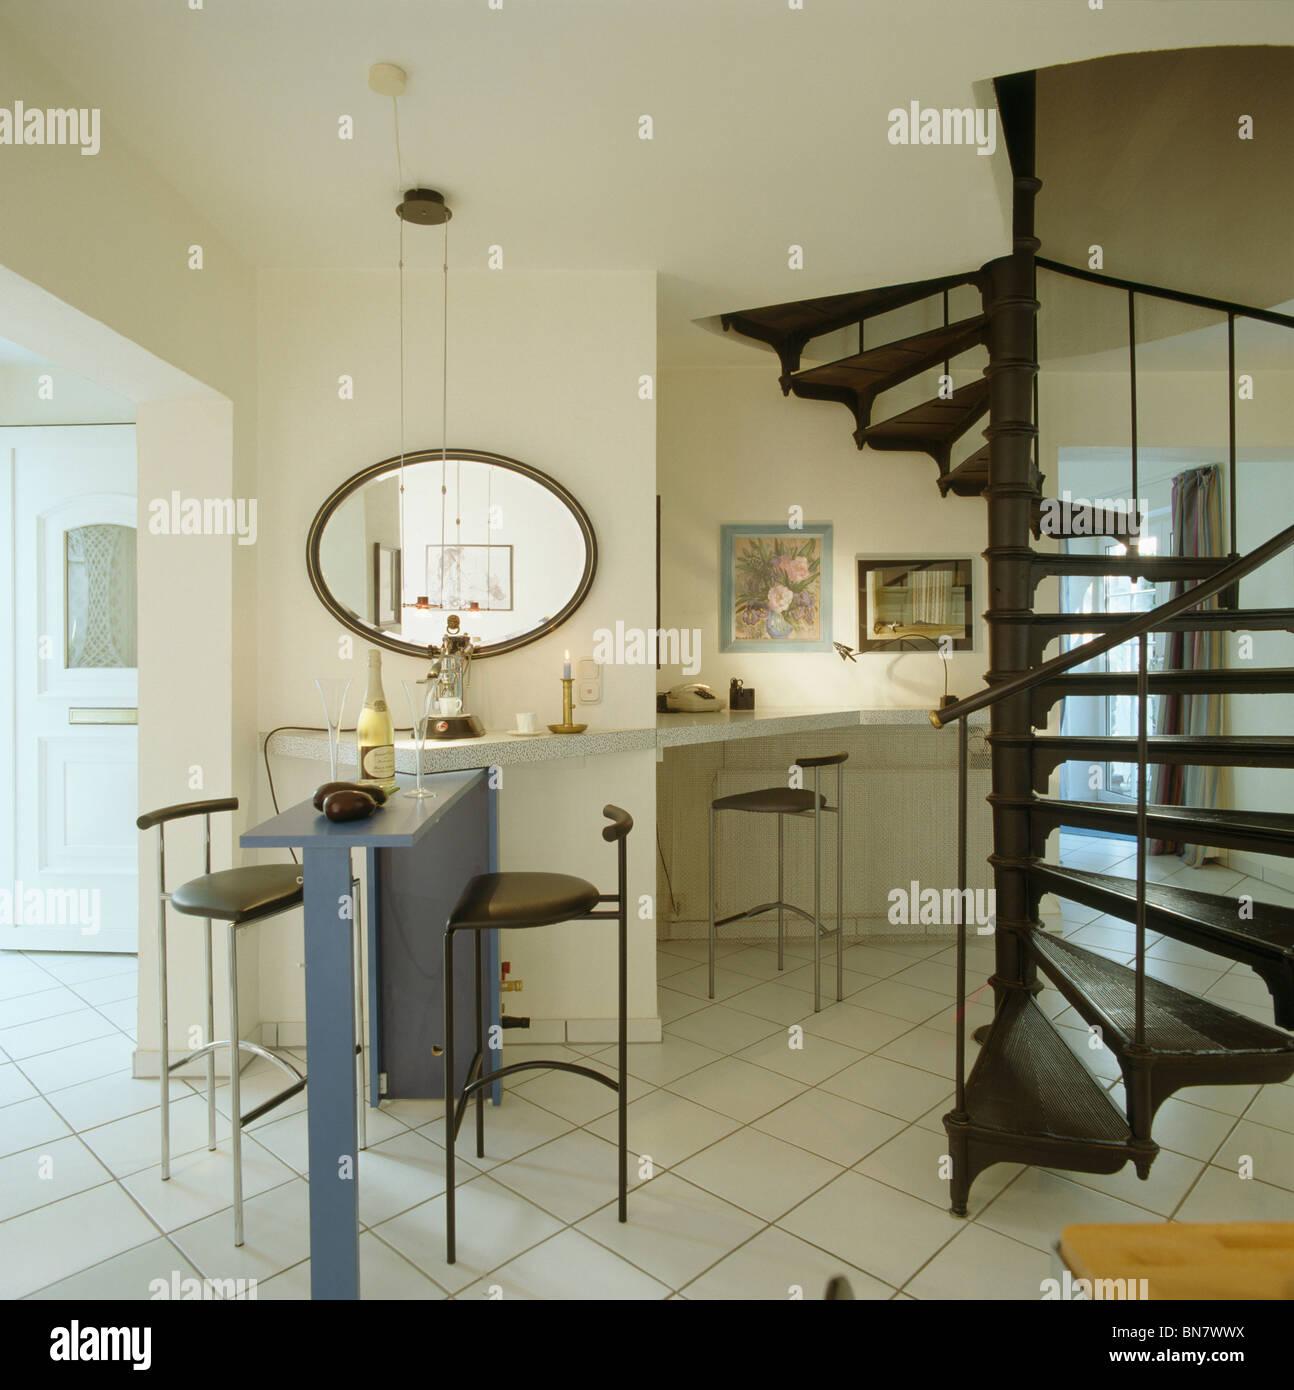 Escalera De Caracol Negro Y Suelos De Azulejo Blanco En La Moderna - Escaleras-de-caracol-modernas